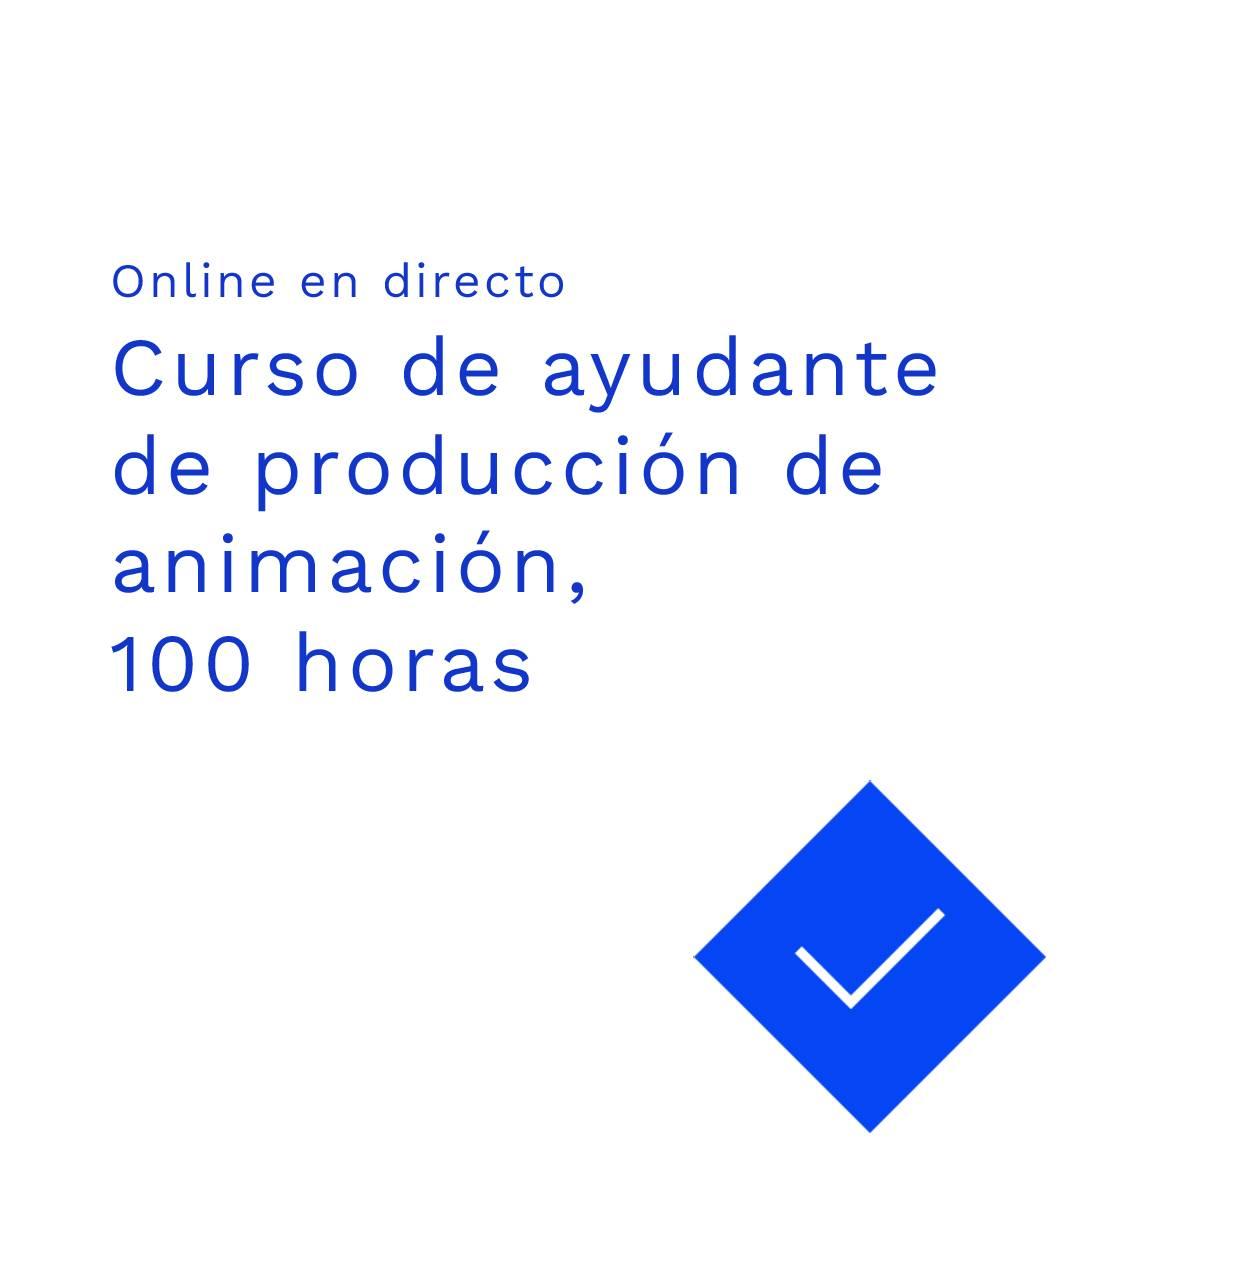 Curso ayudante de producción de animación